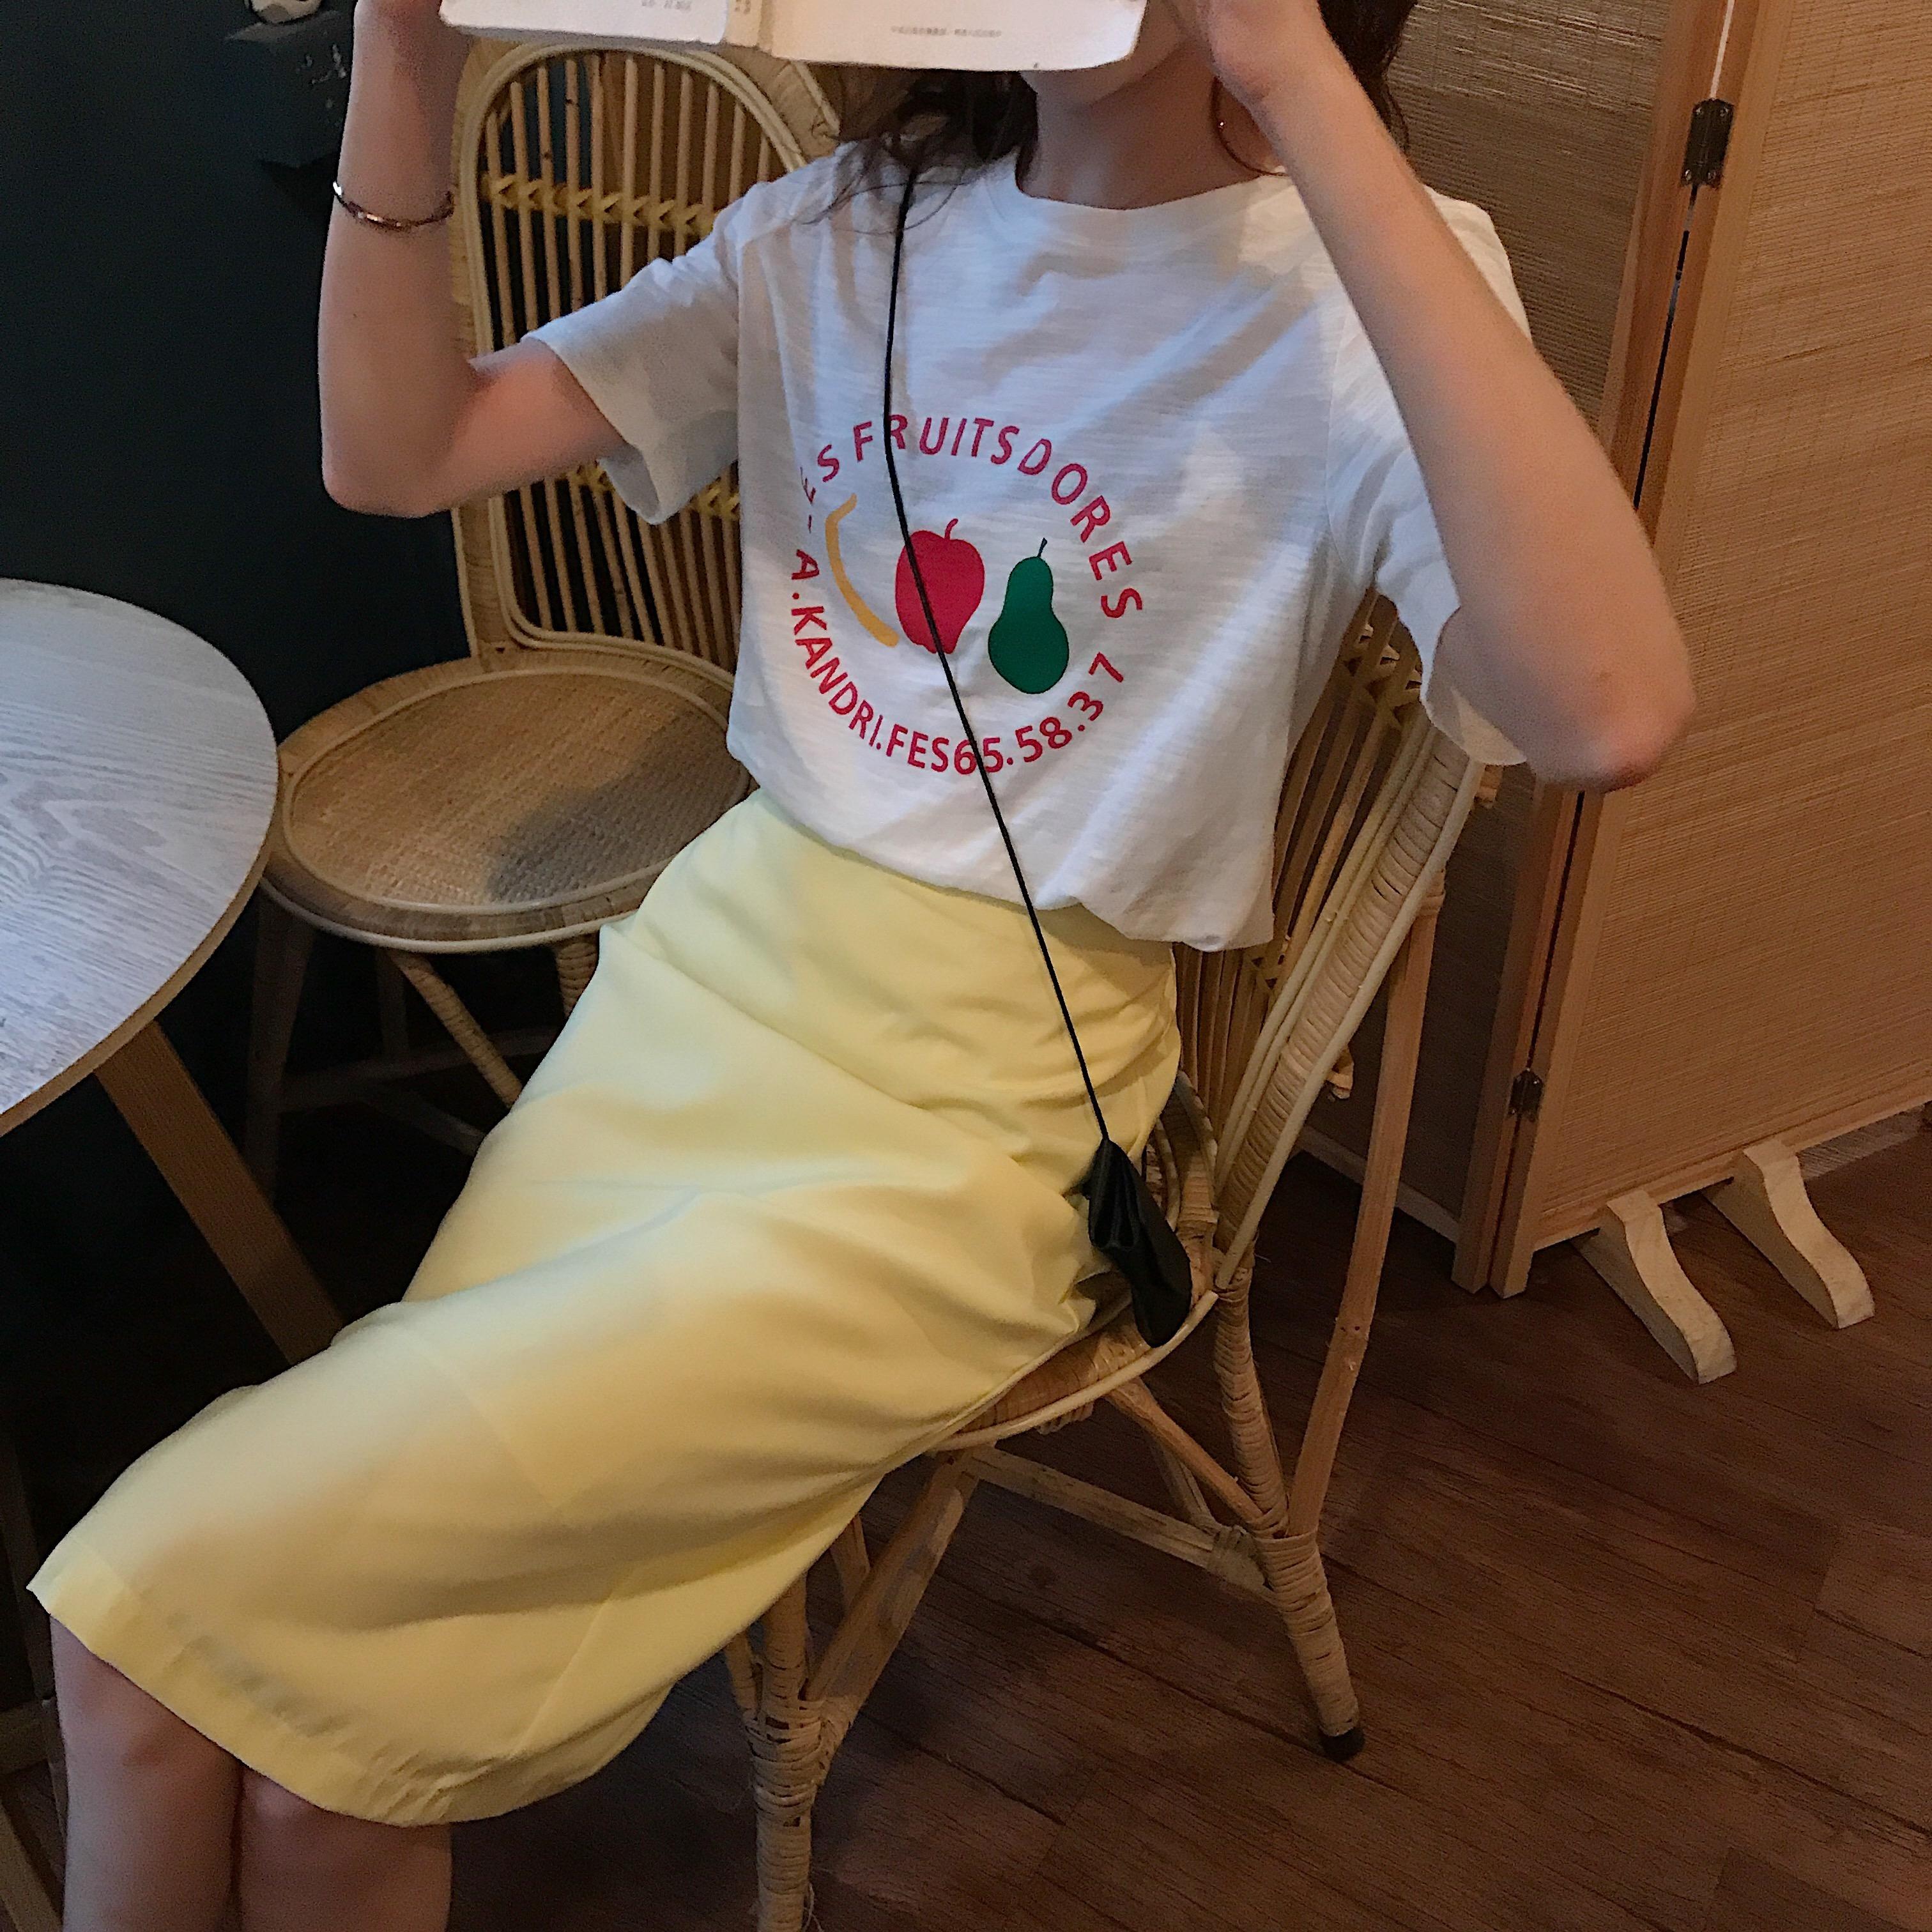 控價5實拍實價小清新甜美字母印花短袖T恤+顯瘦高腰氣質a字包臀裙